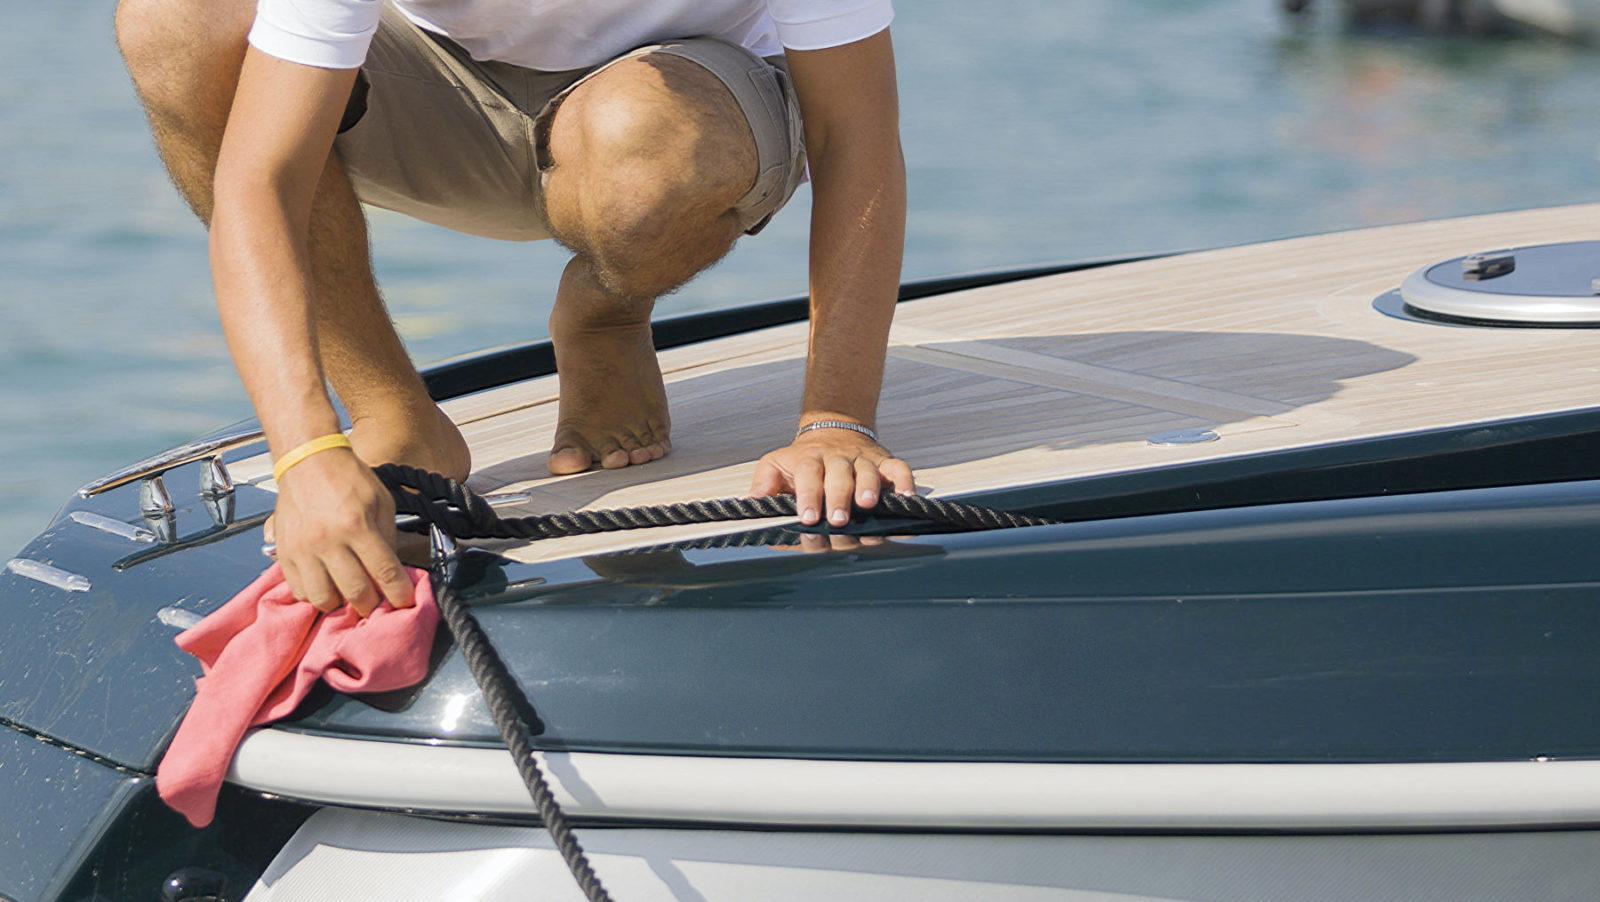 Rengøring af båd: få større glæde ved at sejle, med en ren og pæn båd